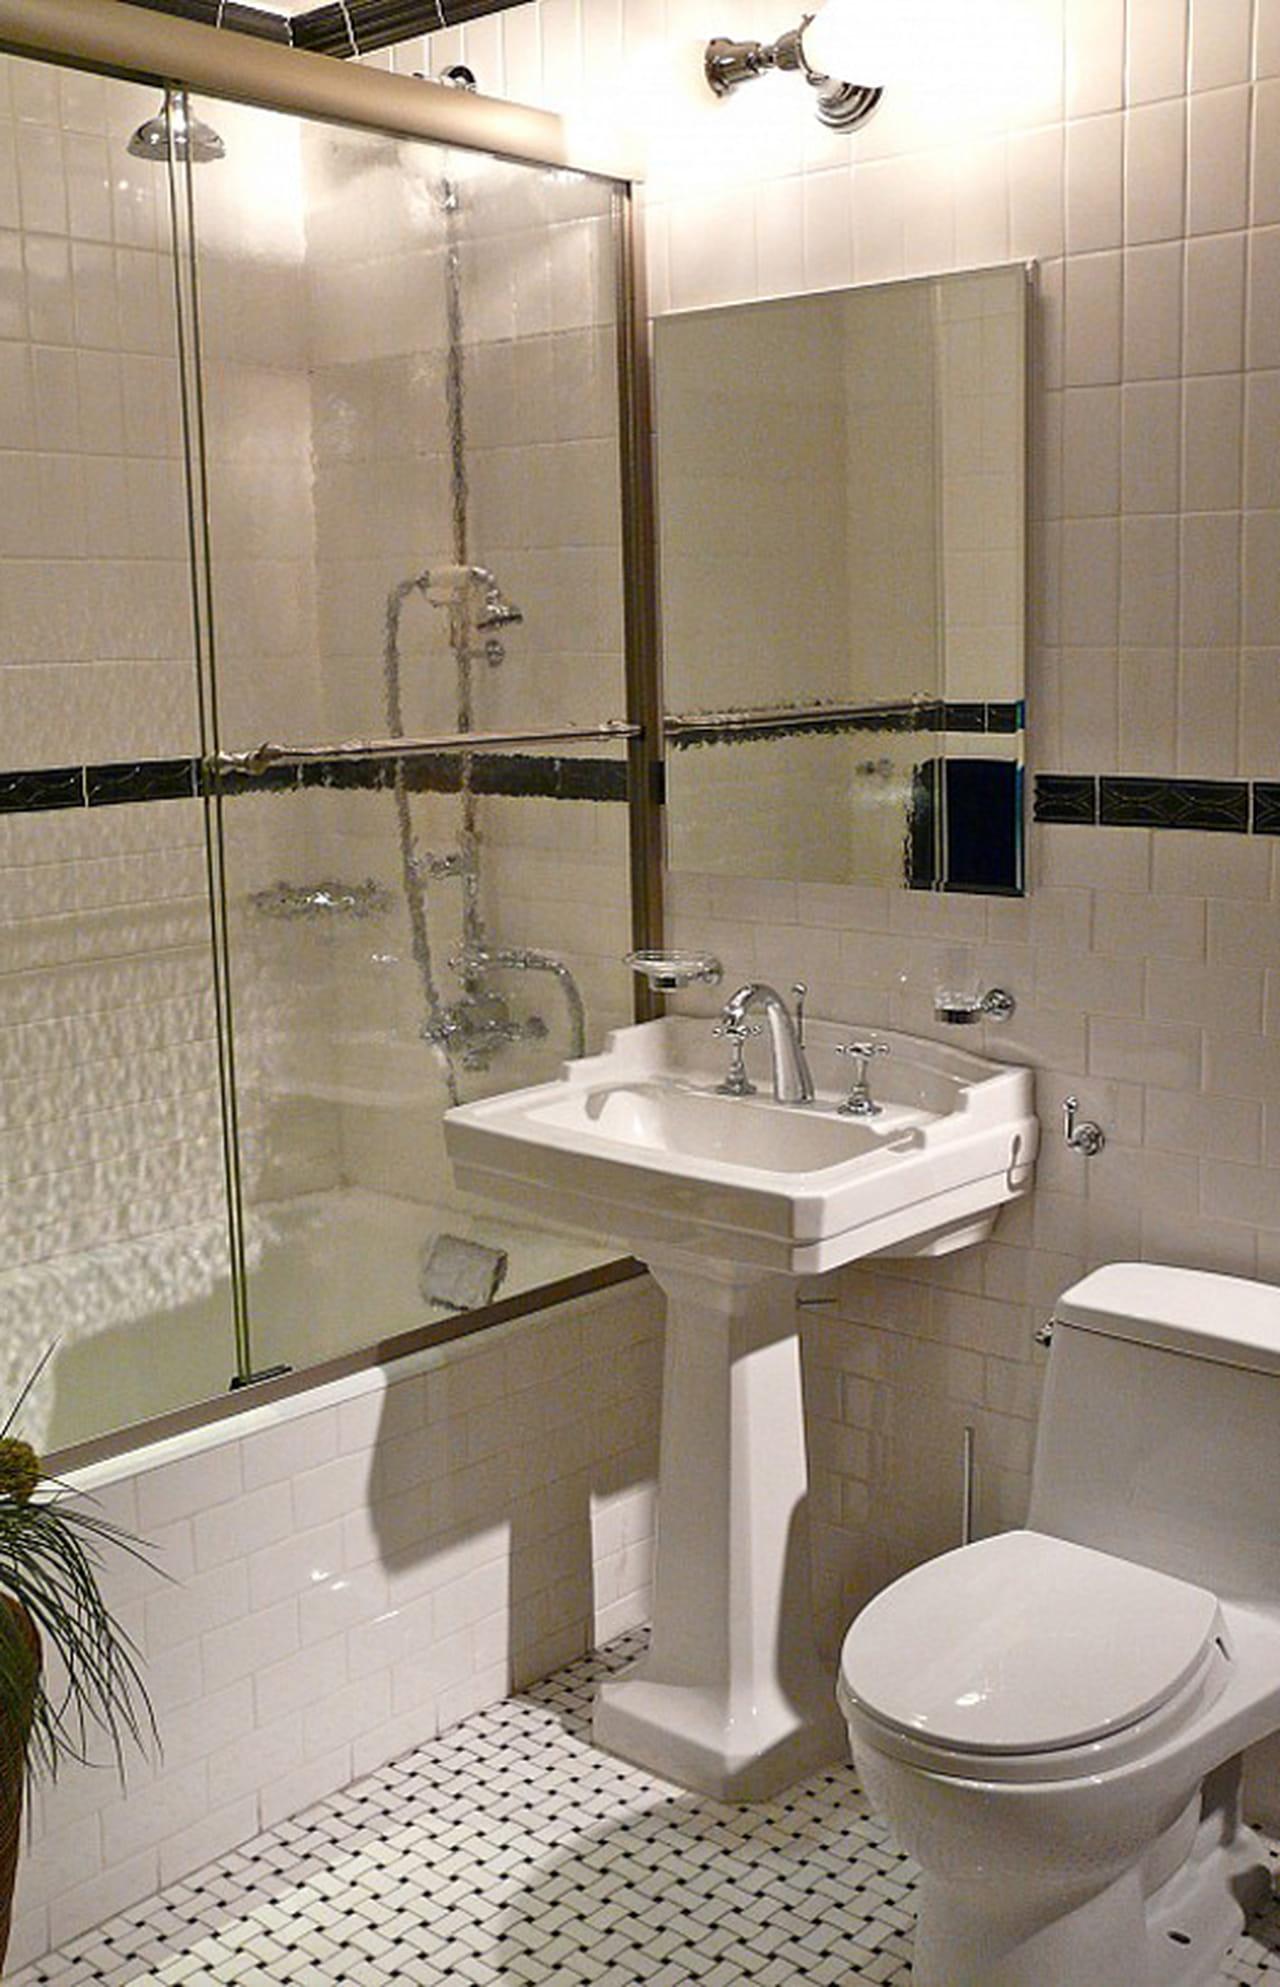 أفكار أنيقة وعملية لديكورات الحمام صغير المساحة